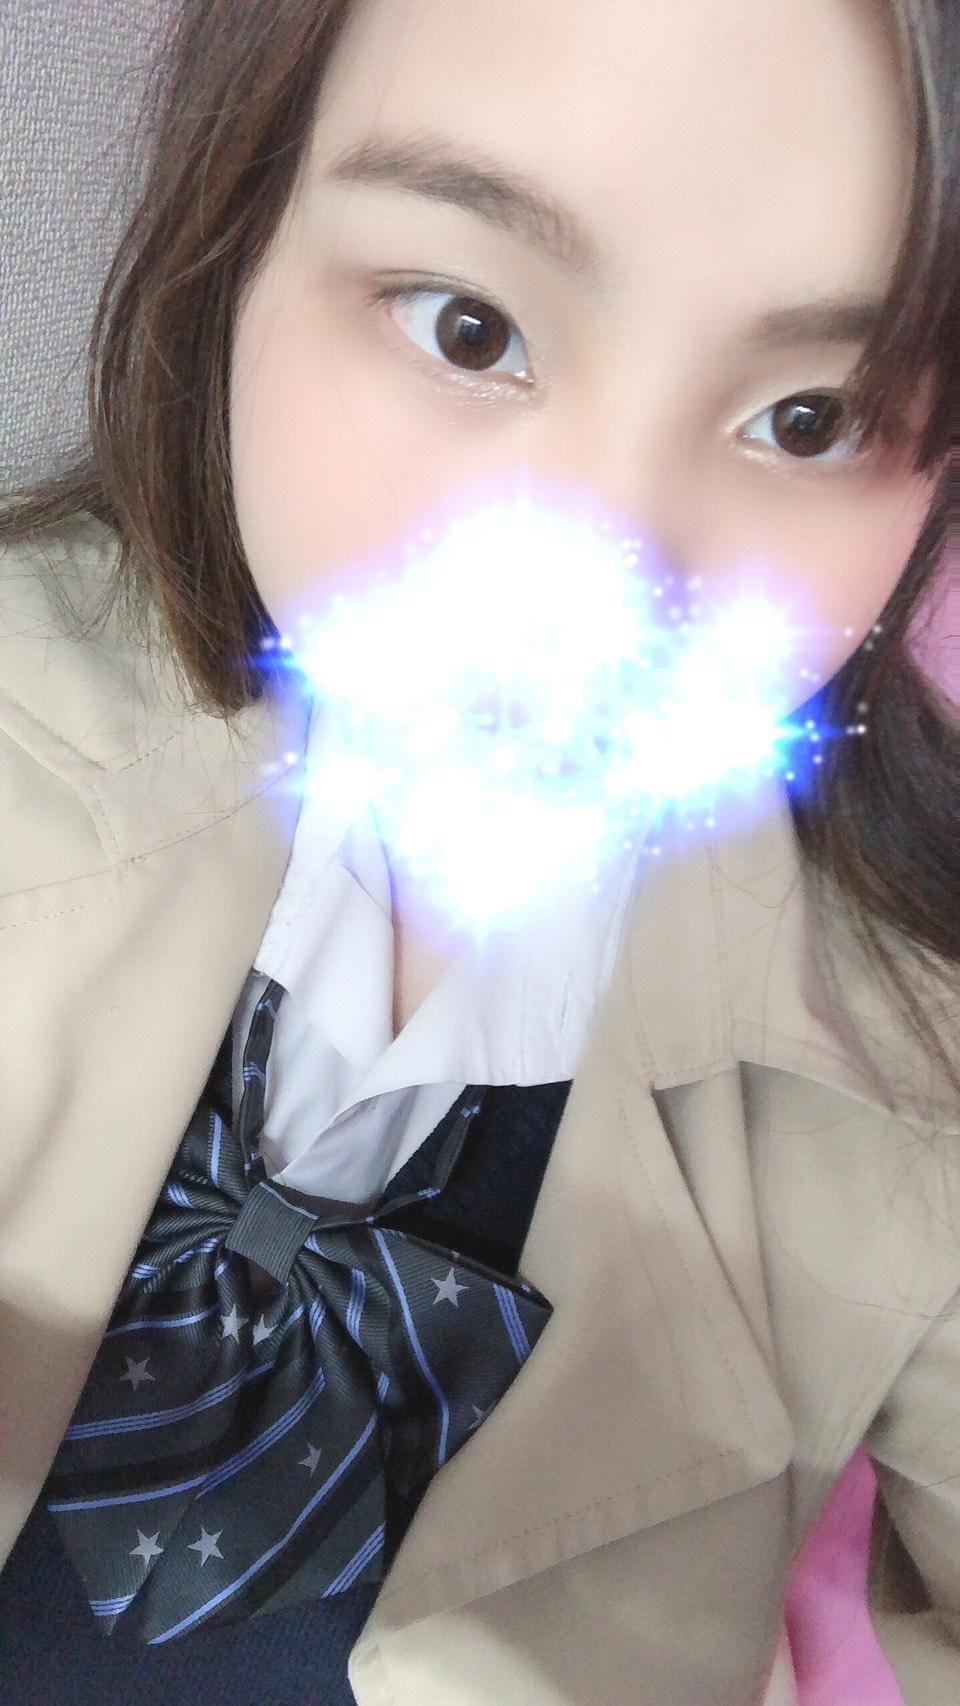 「考えたら( ºΔº ;)」01/11(01/11) 20:12 | キィの写メ・風俗動画